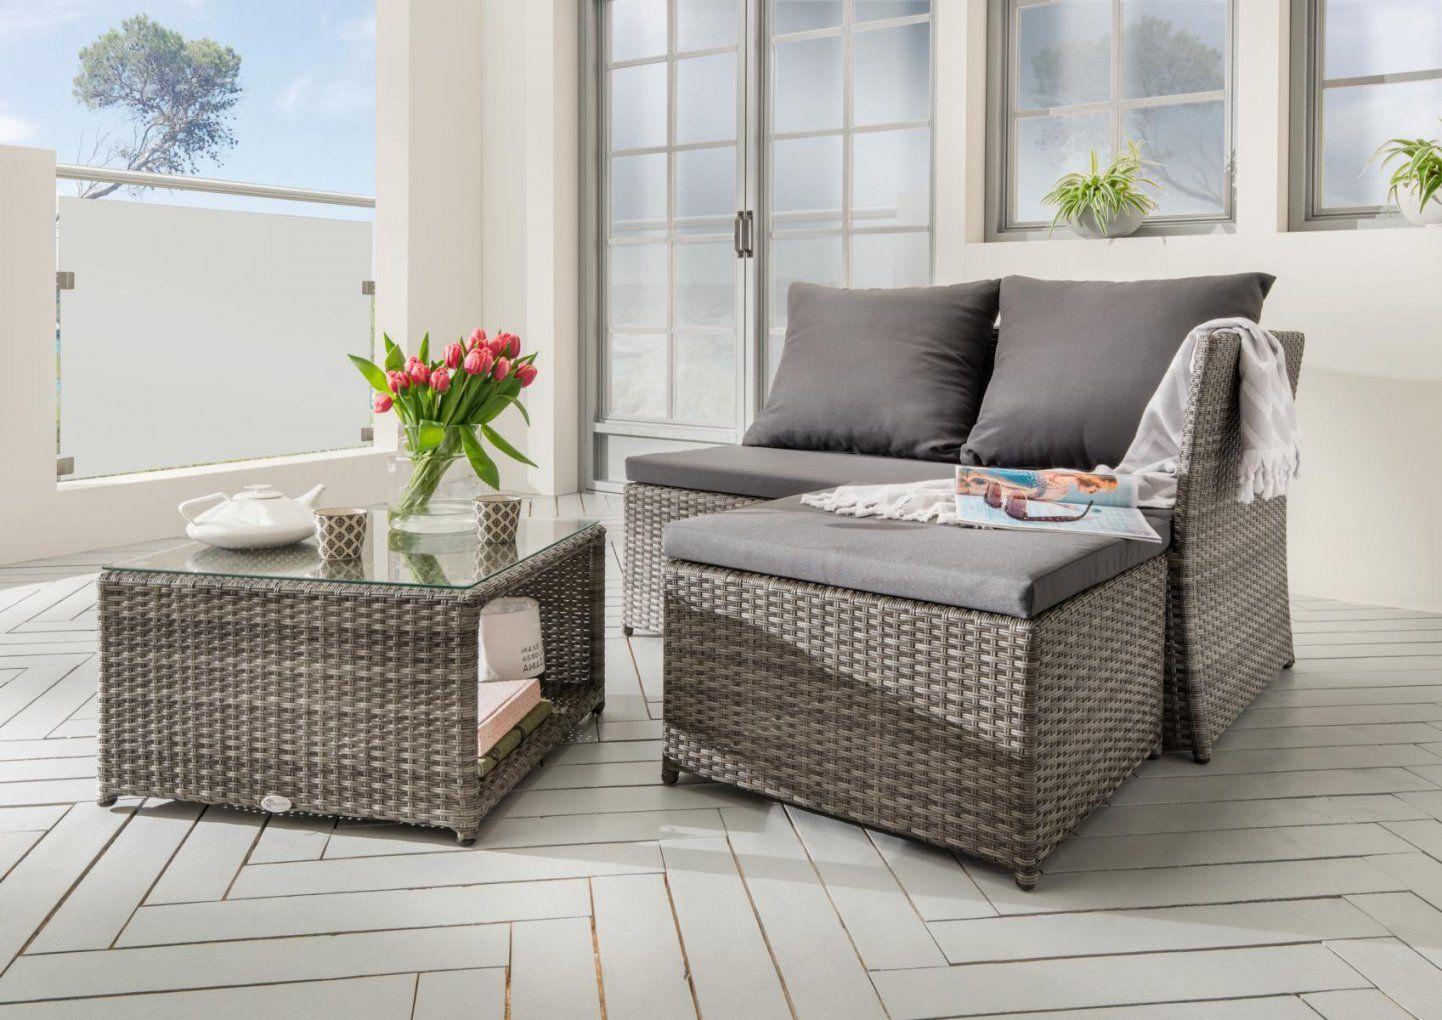 Kleine Loungegruppen Für Den Balkon  Haus & Garten Onlineshop von Loungemöbel Für Kleinen Balkon Photo